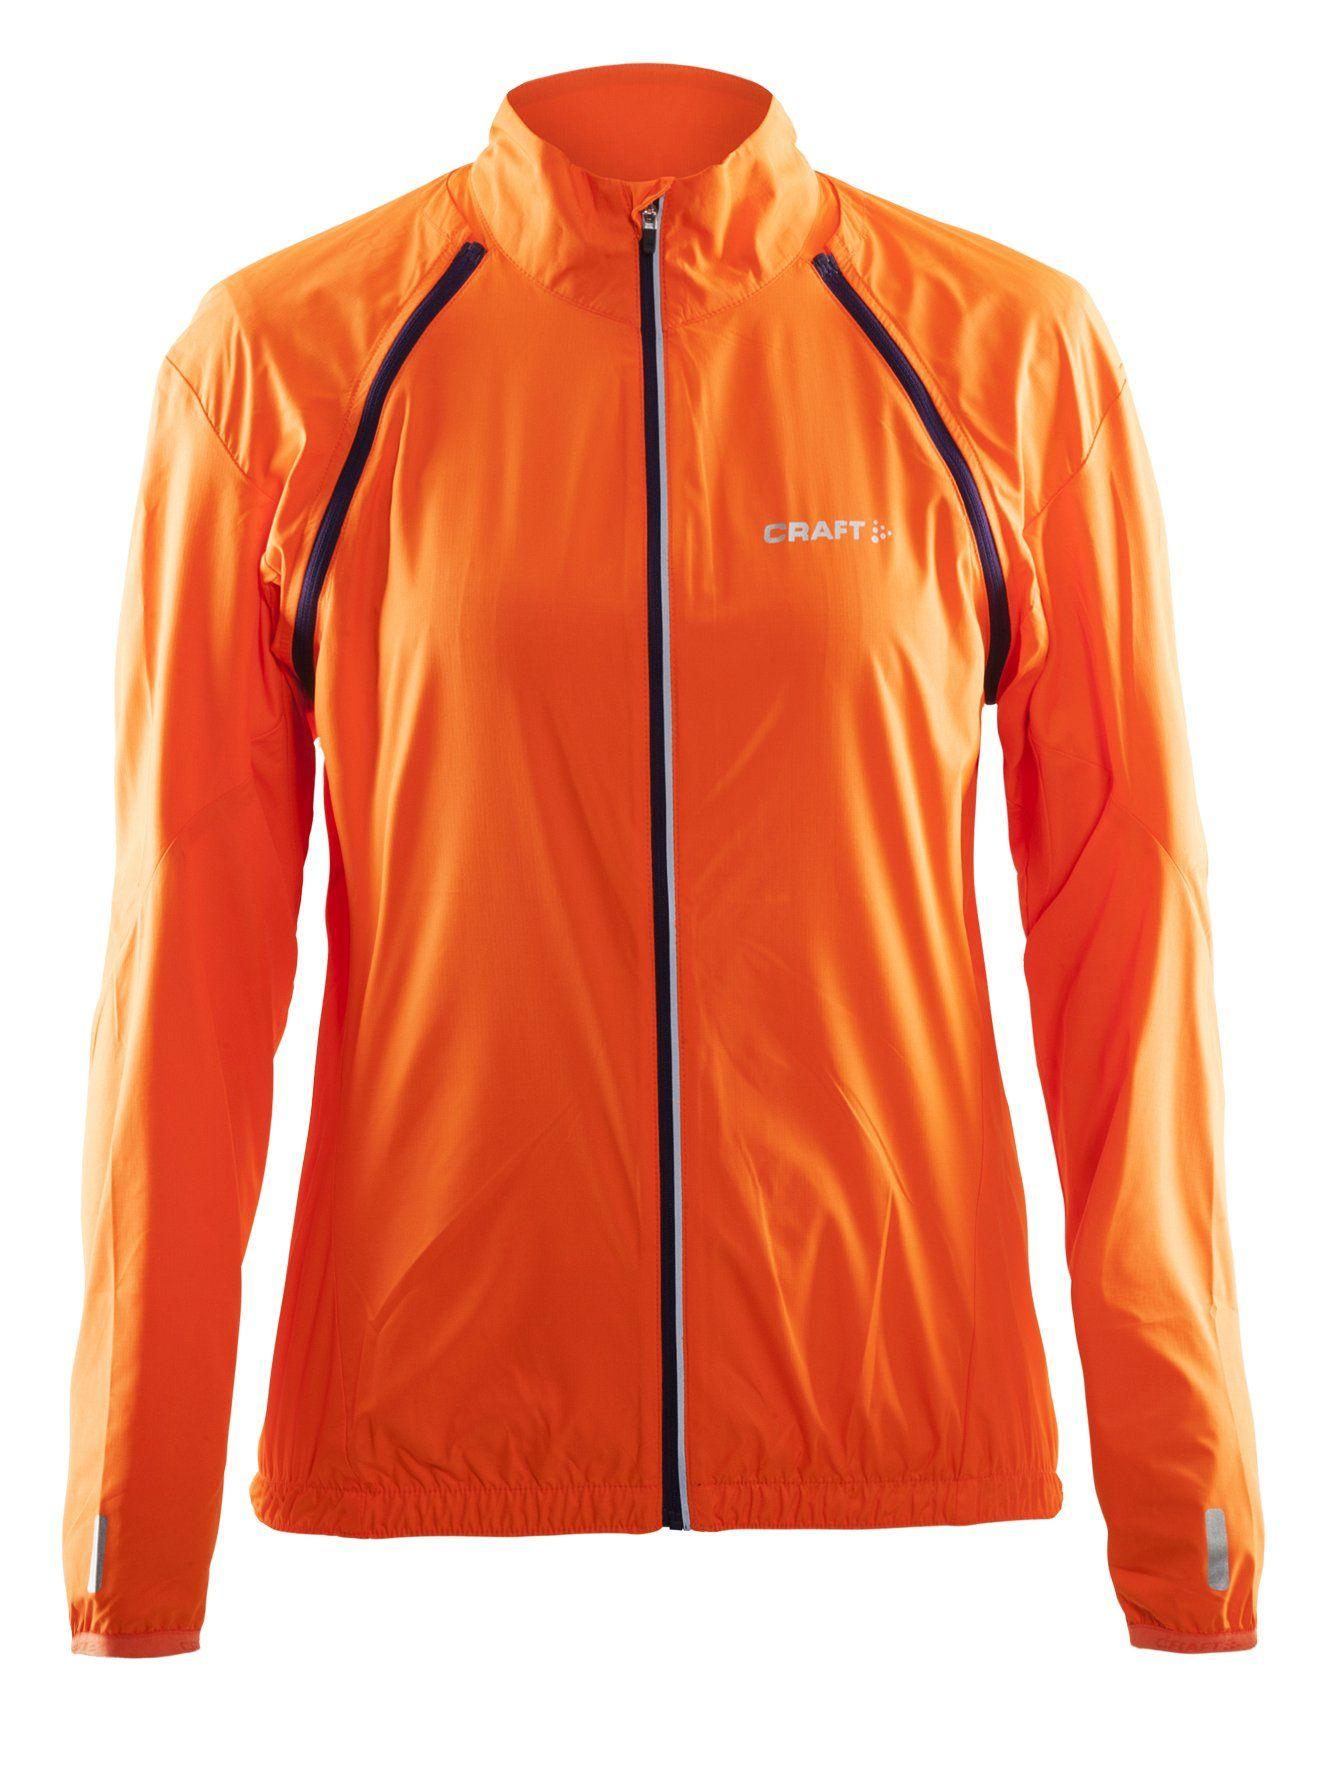 Craft Kurtka rowerowa Path Convert W, pomarańczowa L, DOSTAWA GRATIS, BEZPŁATNY ODBIÓR: WARSZAWA, WROCŁAW, KATOWICE, KRAKÓW!